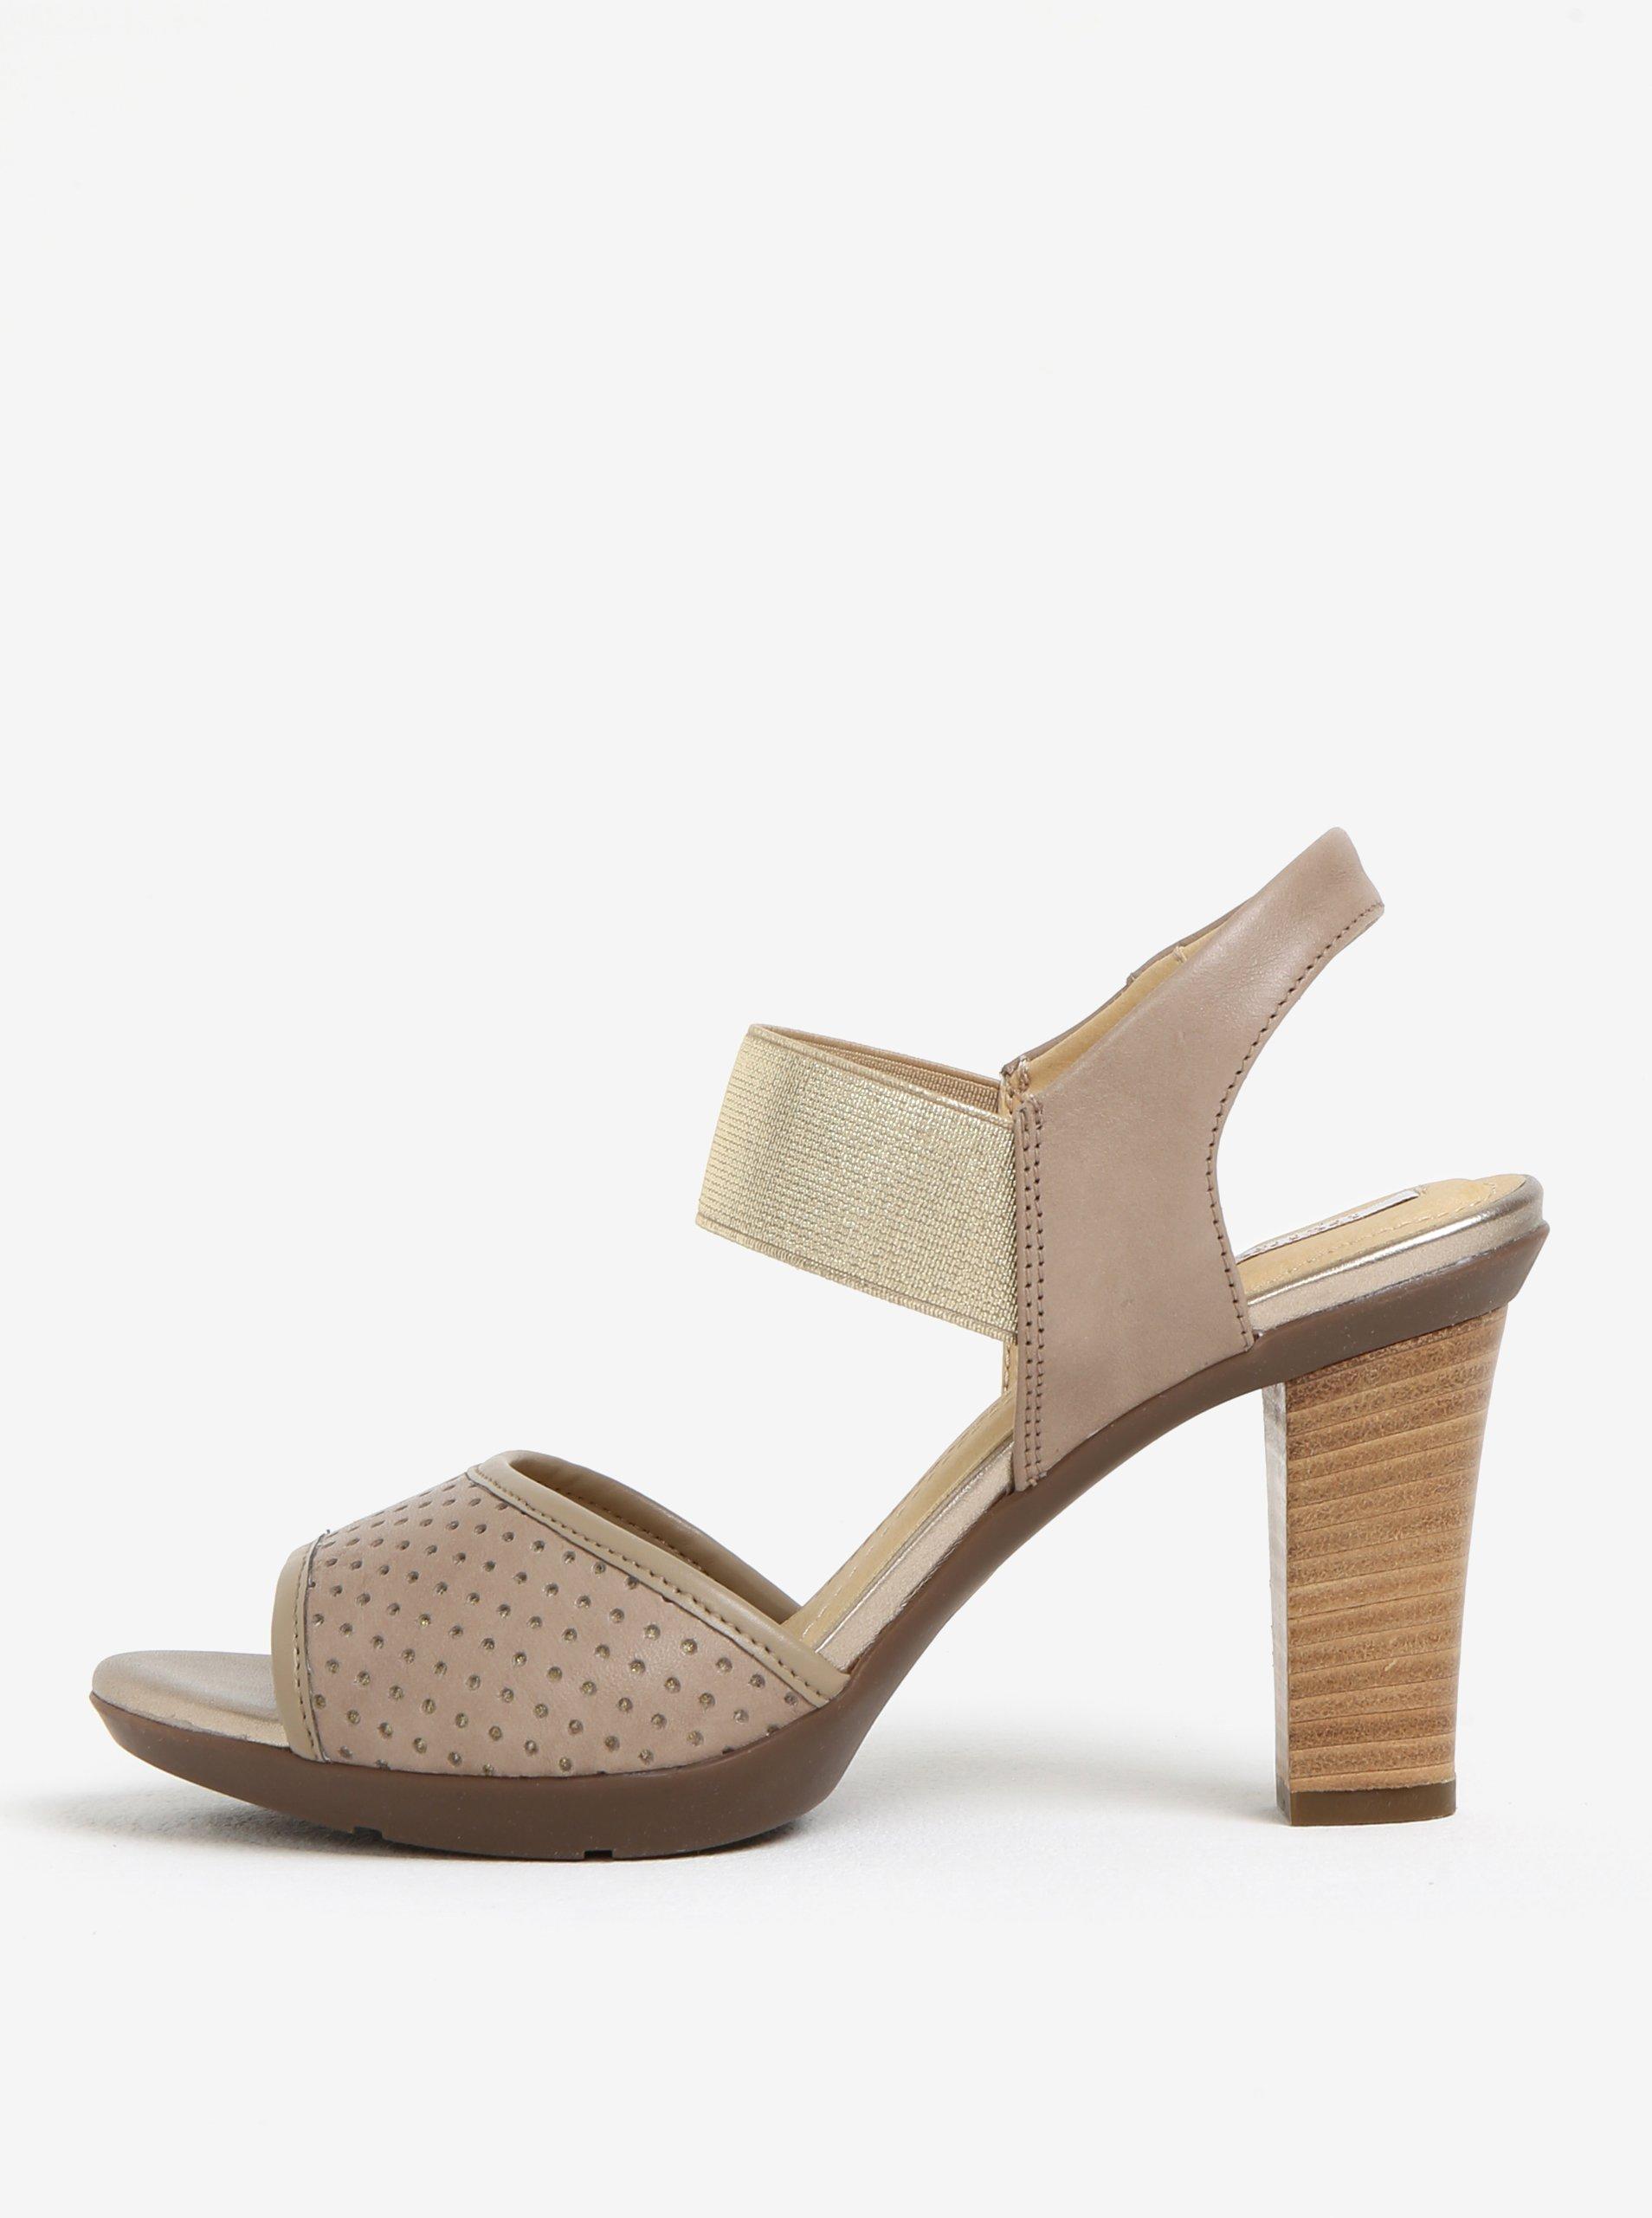 67ba40036819 Béžové dámské kožené sandálky na podpatku Geox Jadalis